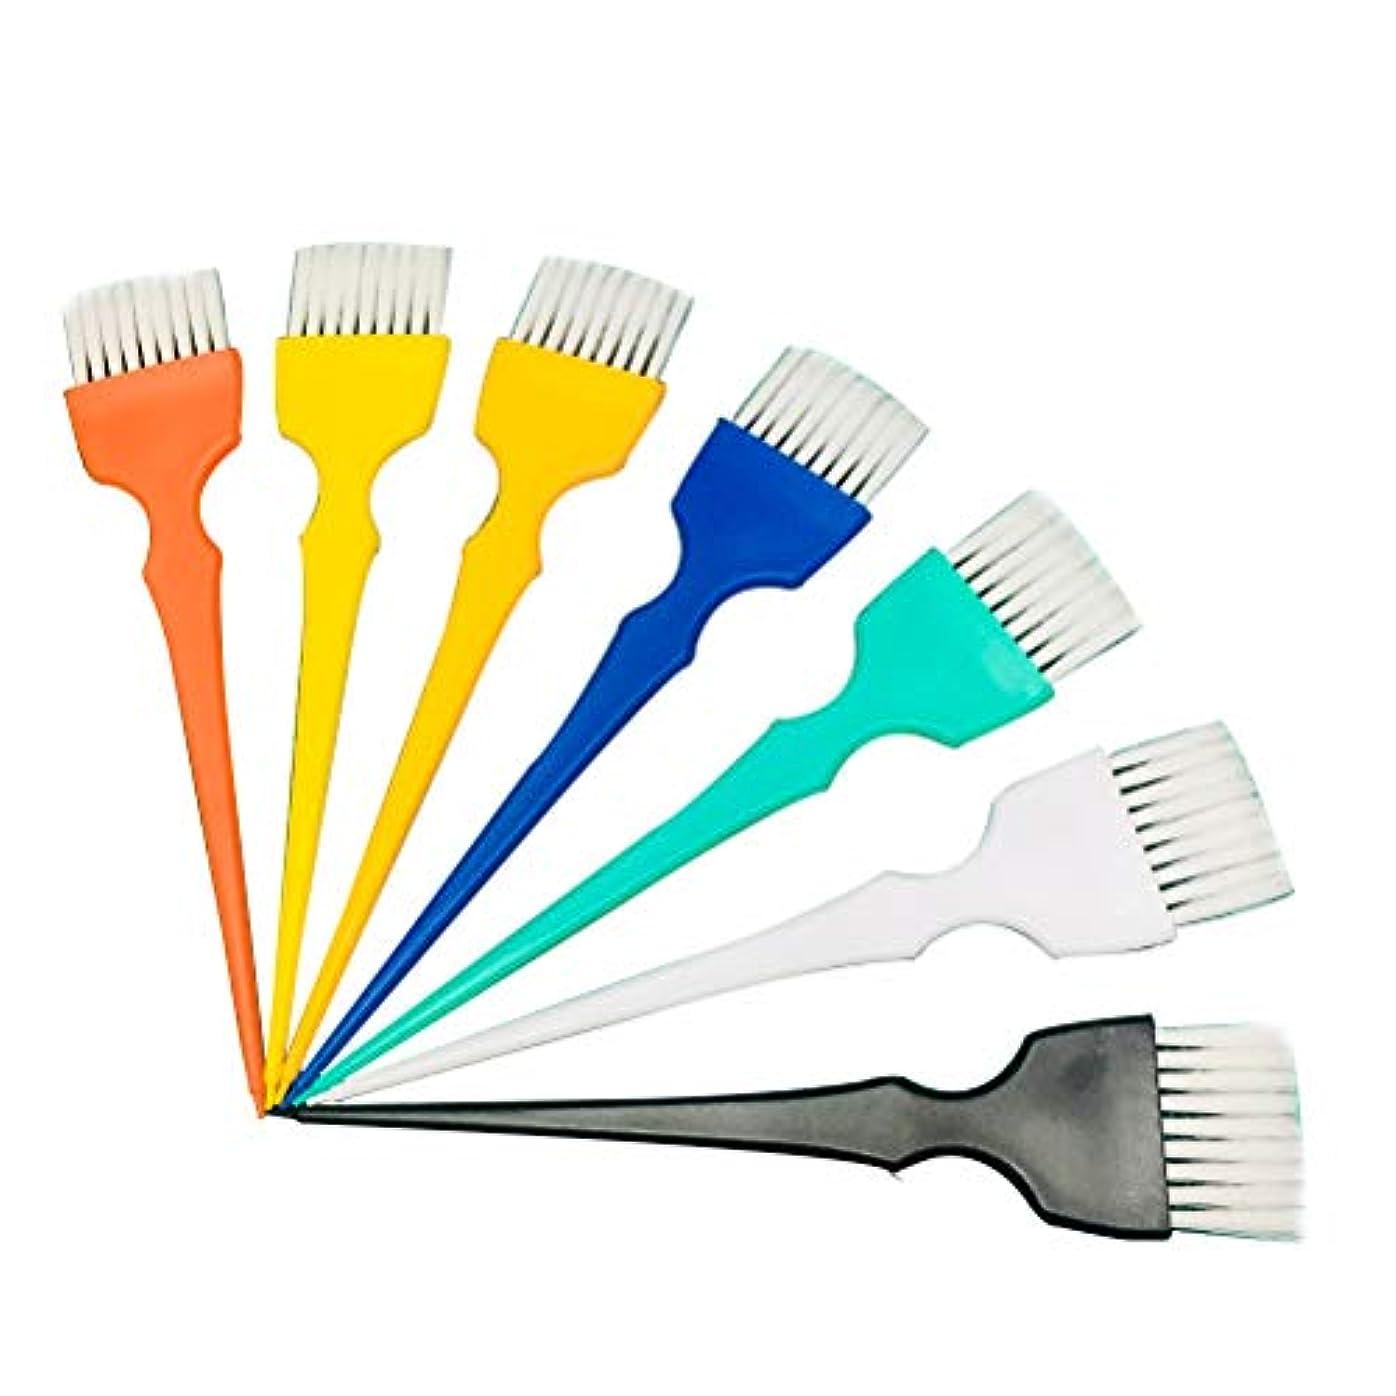 あいまい摂氏度粘液Beaupretty 7本染毛ブラシプラスチックソフトブラシヘアカラーブラシ美容院用(ランダムカラー)